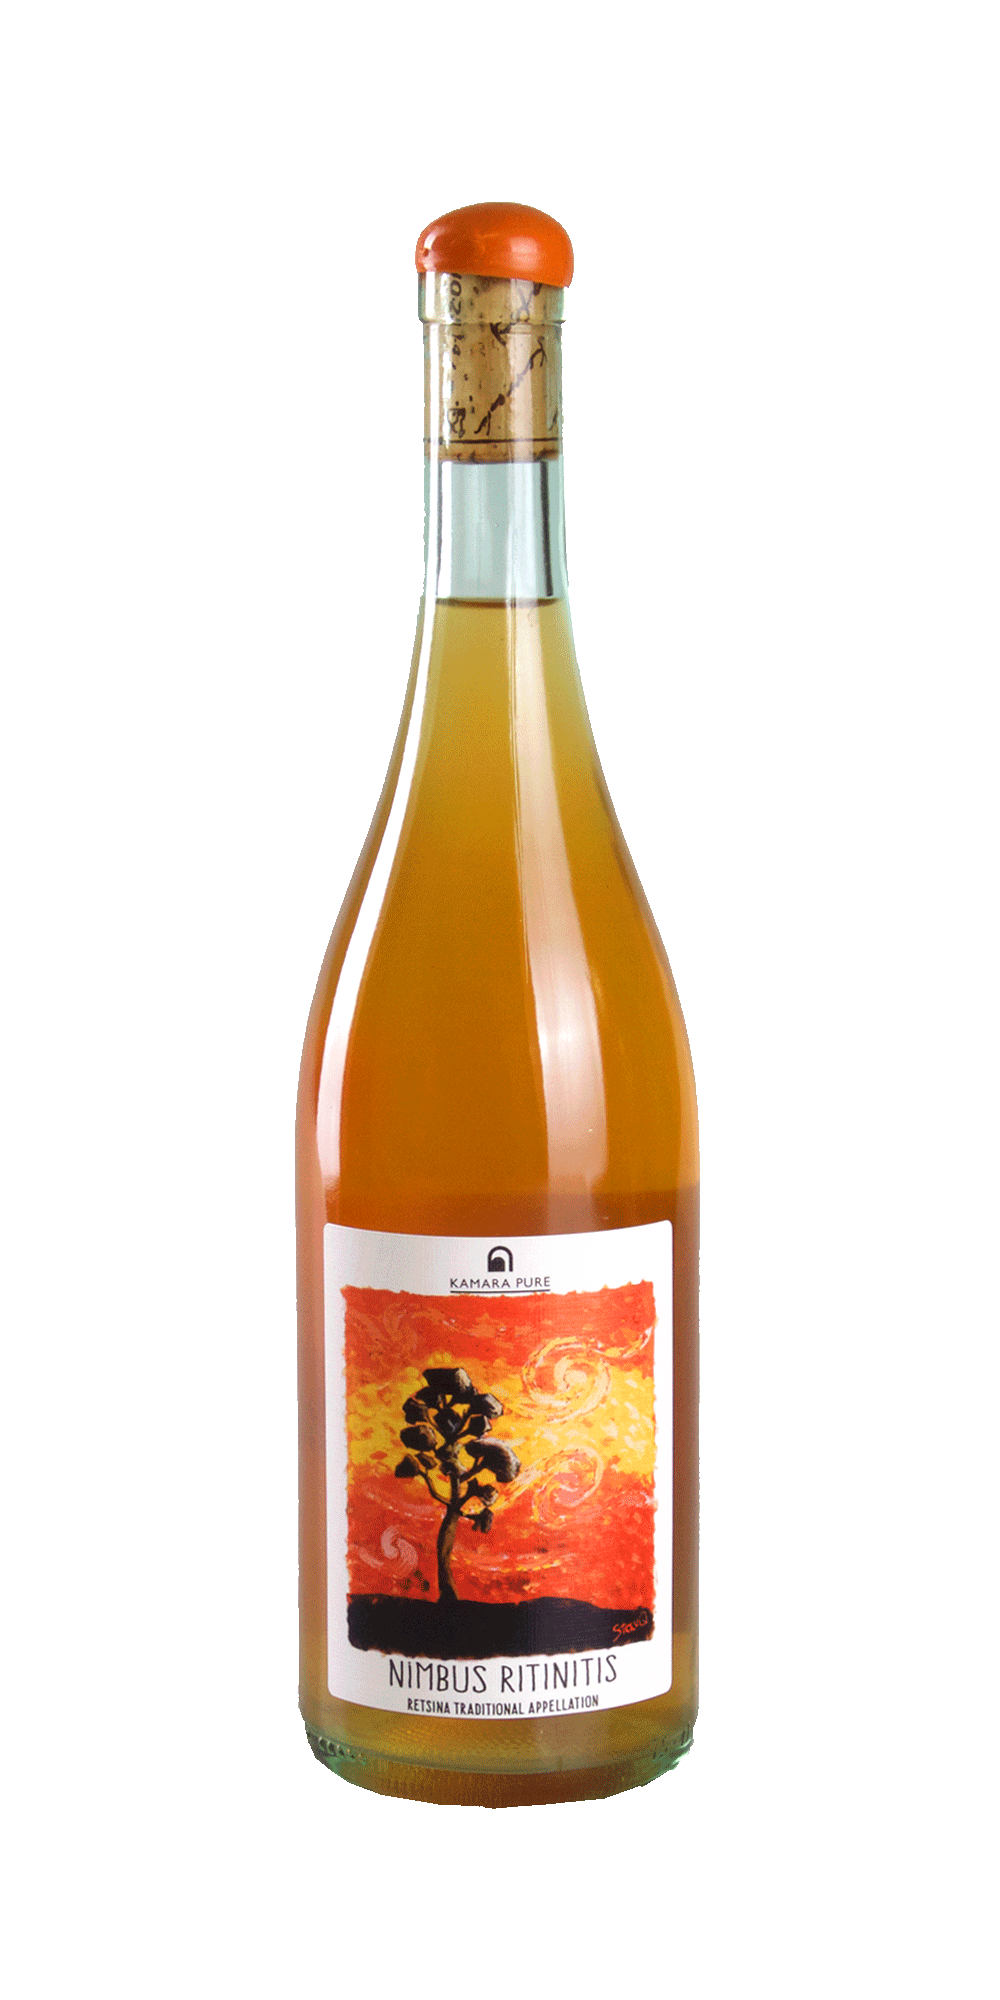 Nimbus Ritinitis Retsina Orange BIO 2020 - Kamara Winery